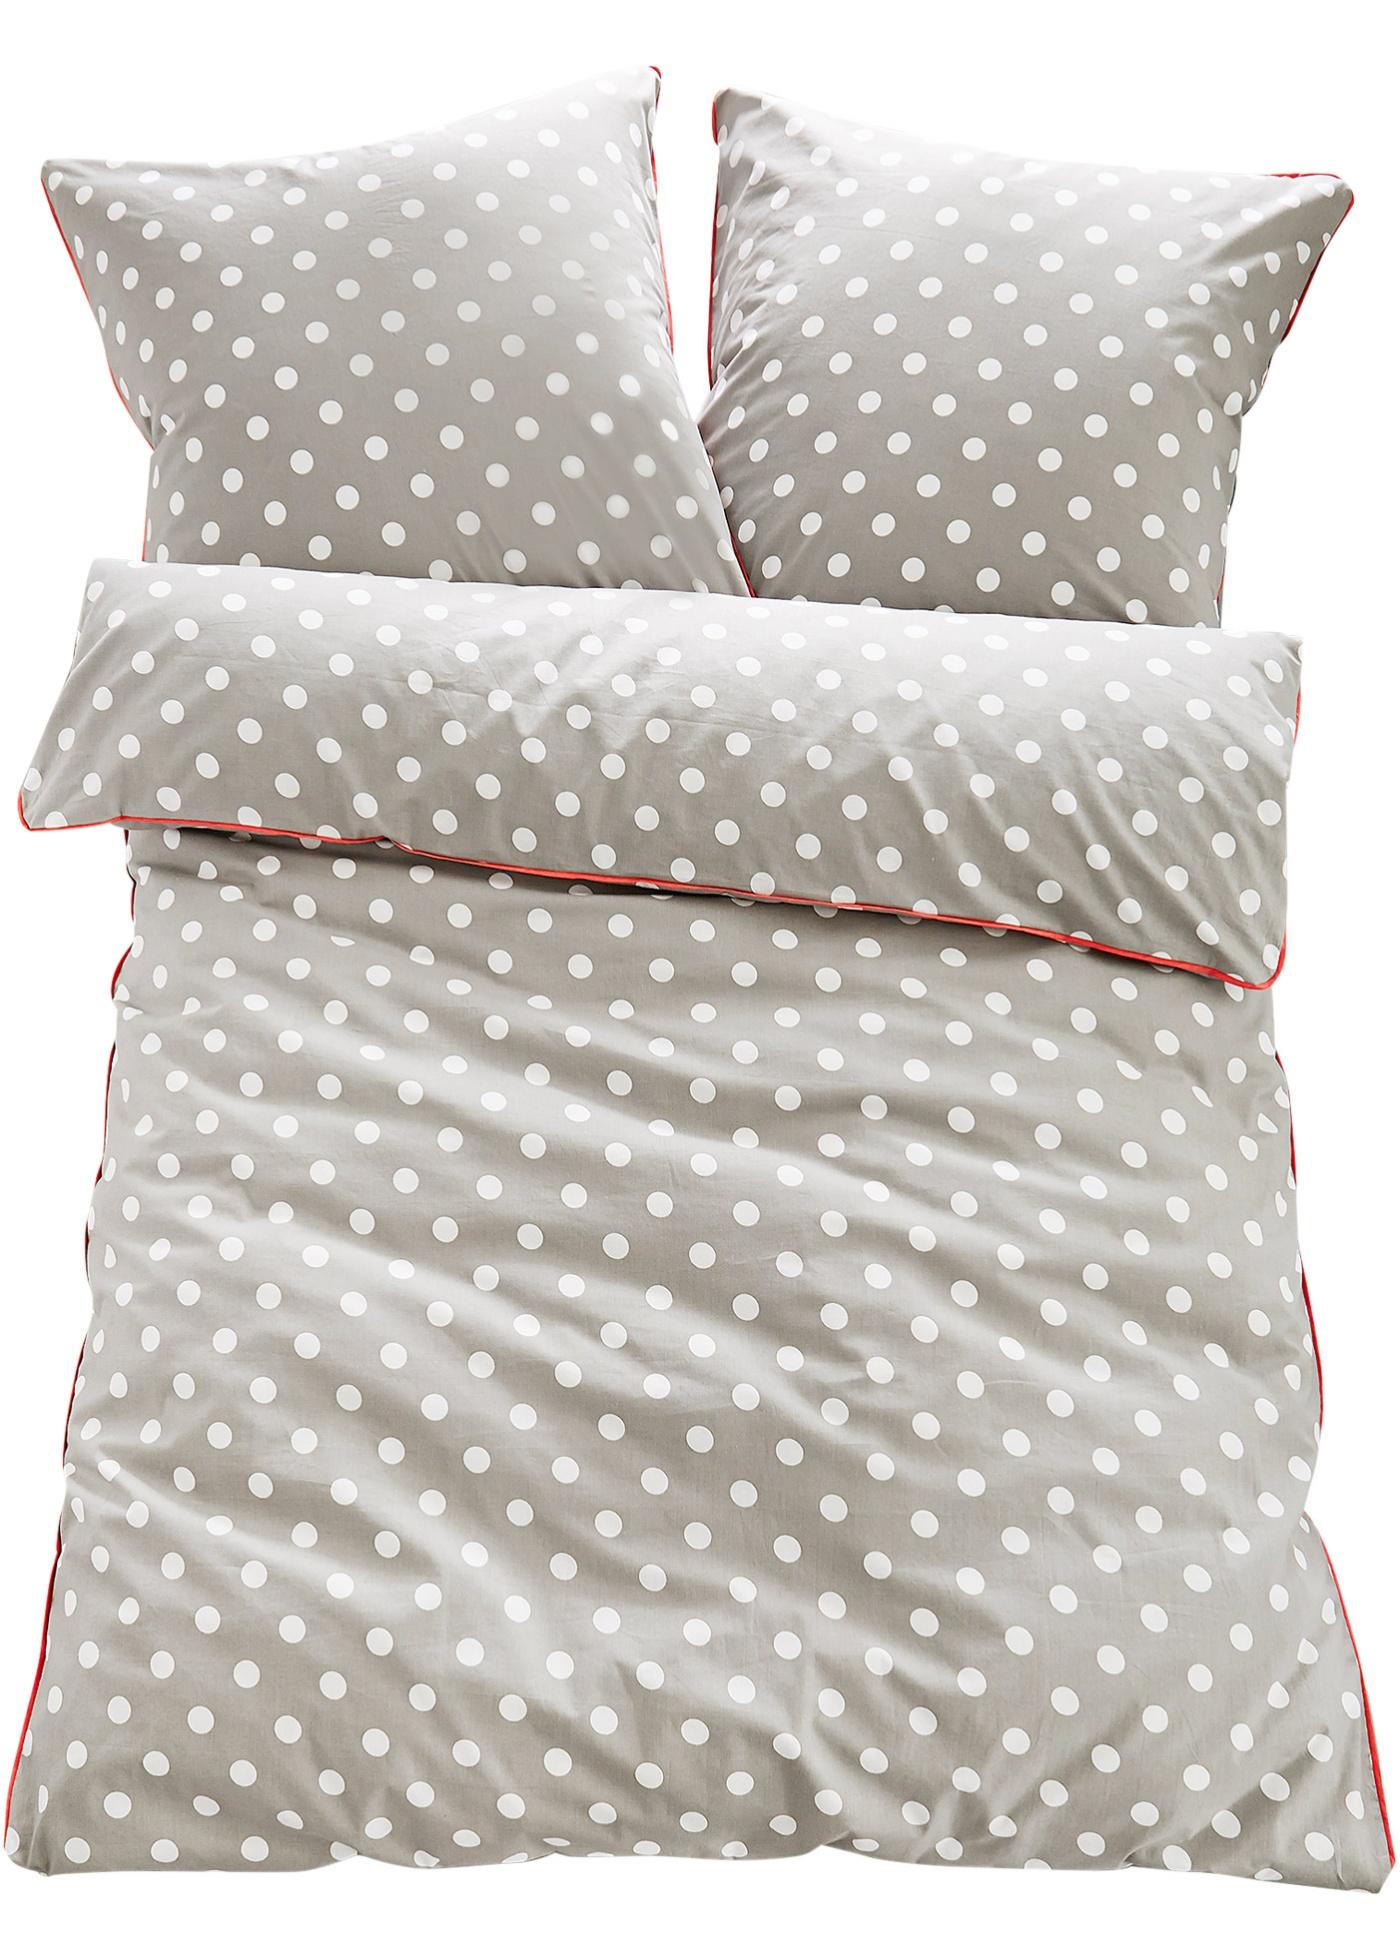 """Linge de lit de qualité supérieure à motif pois. Touche originale : le passepoil contrastant sur la bordure de l""""oreiller et de la couette. Apporte une note de fraîcheur à l""""ambiance de la chambre à coucher. Disponible en parure 2 pces. et 4 pce"""